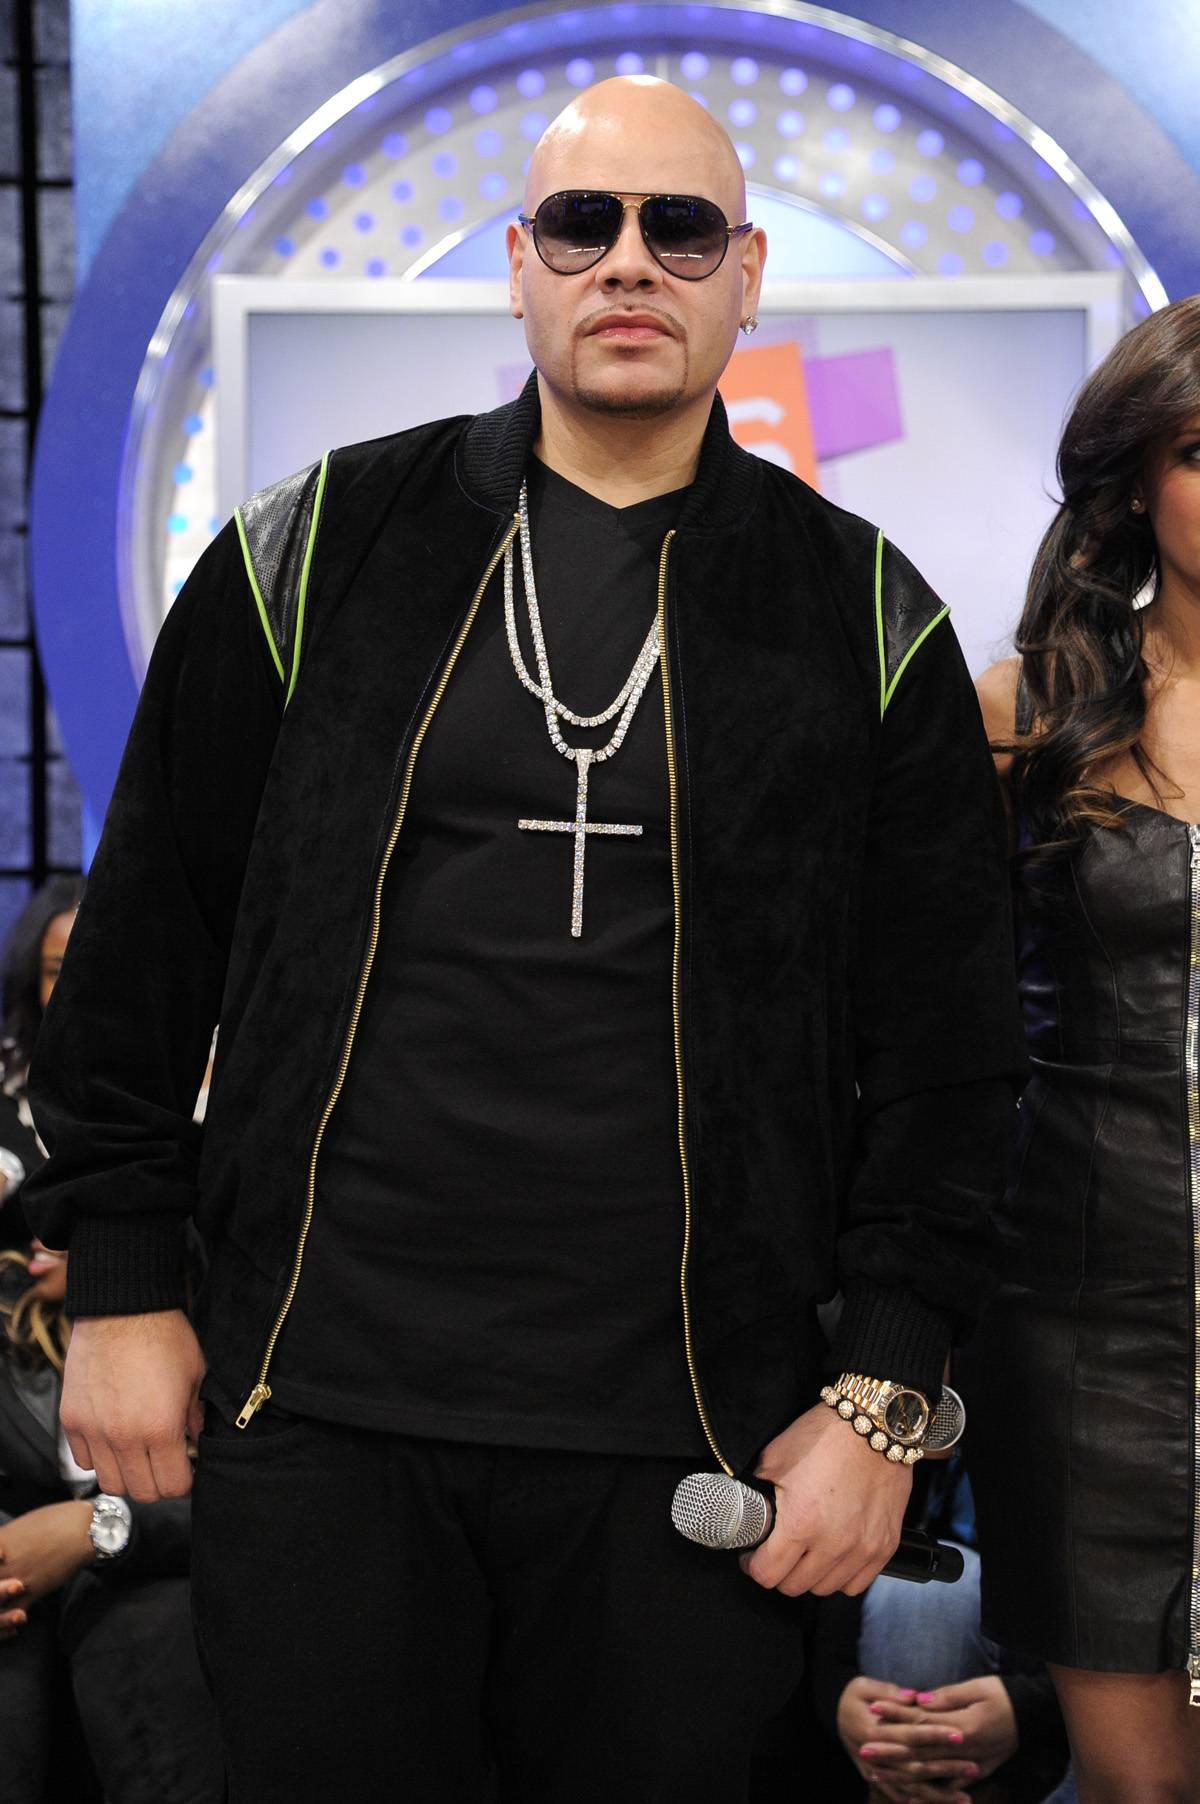 Lean Back - Fat Joe at 106 & Park, January 3, 2012. (Photo: John Ricard / BET)